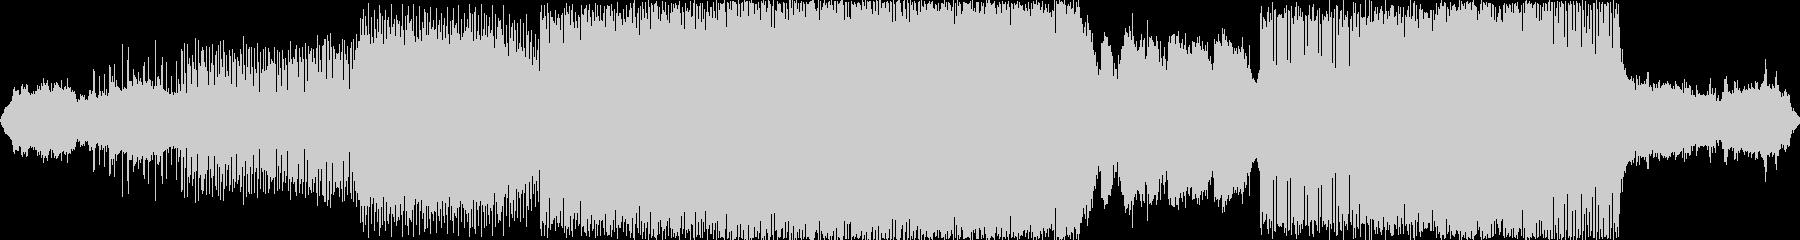 エレクトロニック アクション 説明...の未再生の波形